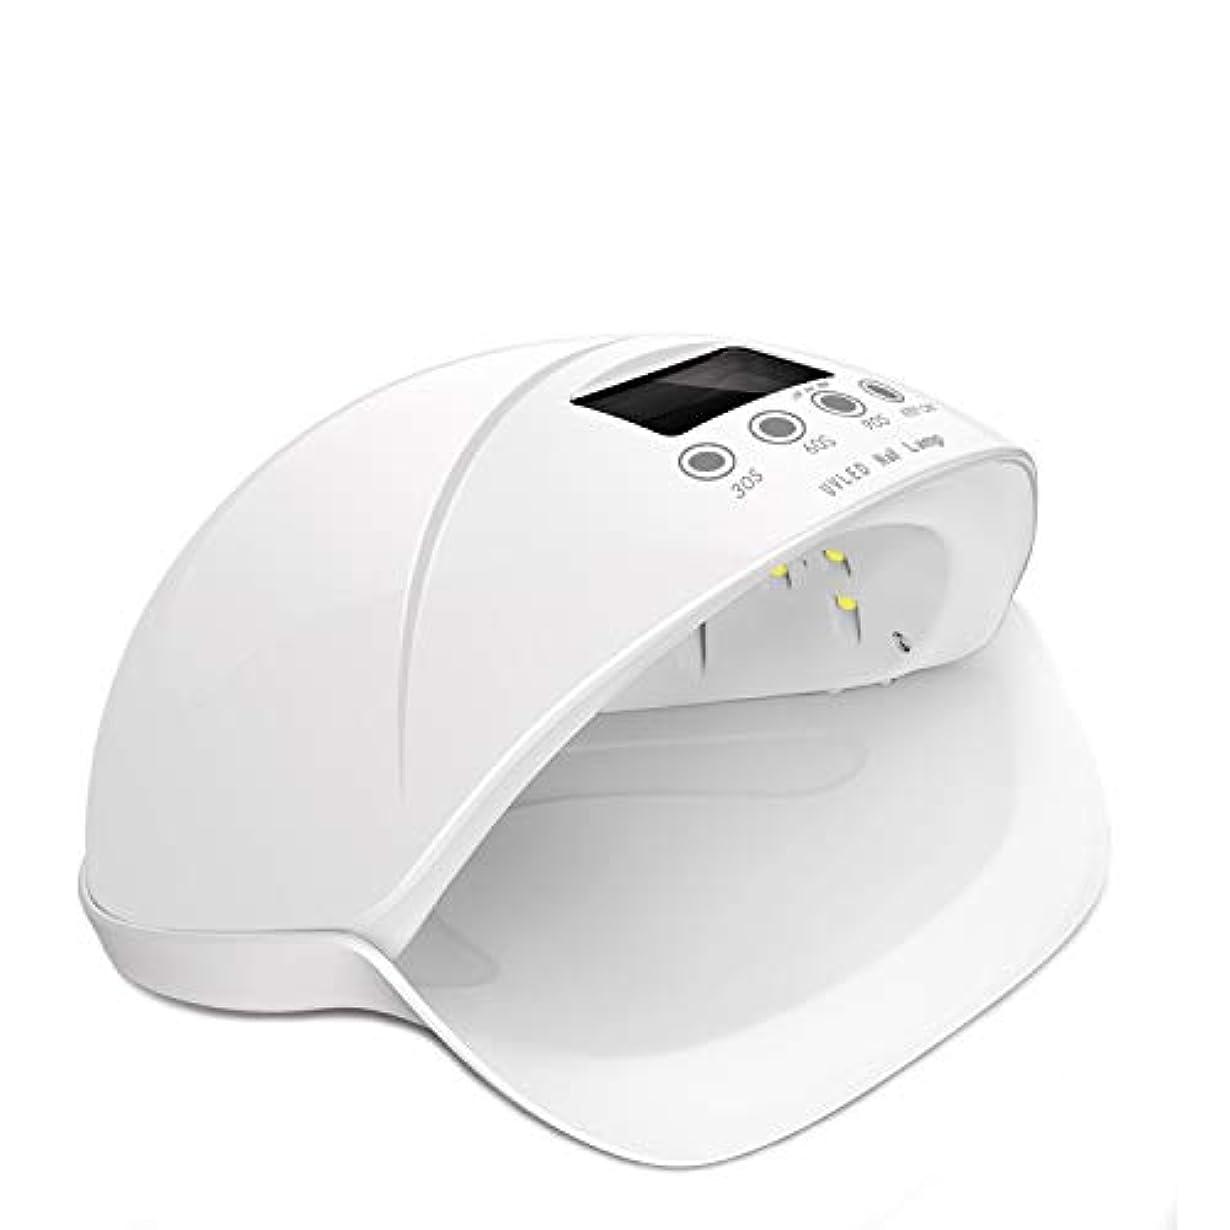 高く暗殺死にかけているKABB ジェルネイルLEDライト ハイパワー 50W 赤外線 ホワイトニング ネイル オイル 速乾 三種類タイマー 設定可能 ネイルドライヤー マニキュア用 手 足 両用 UV LED ダブル 光源 搭載 UVライト ネイル